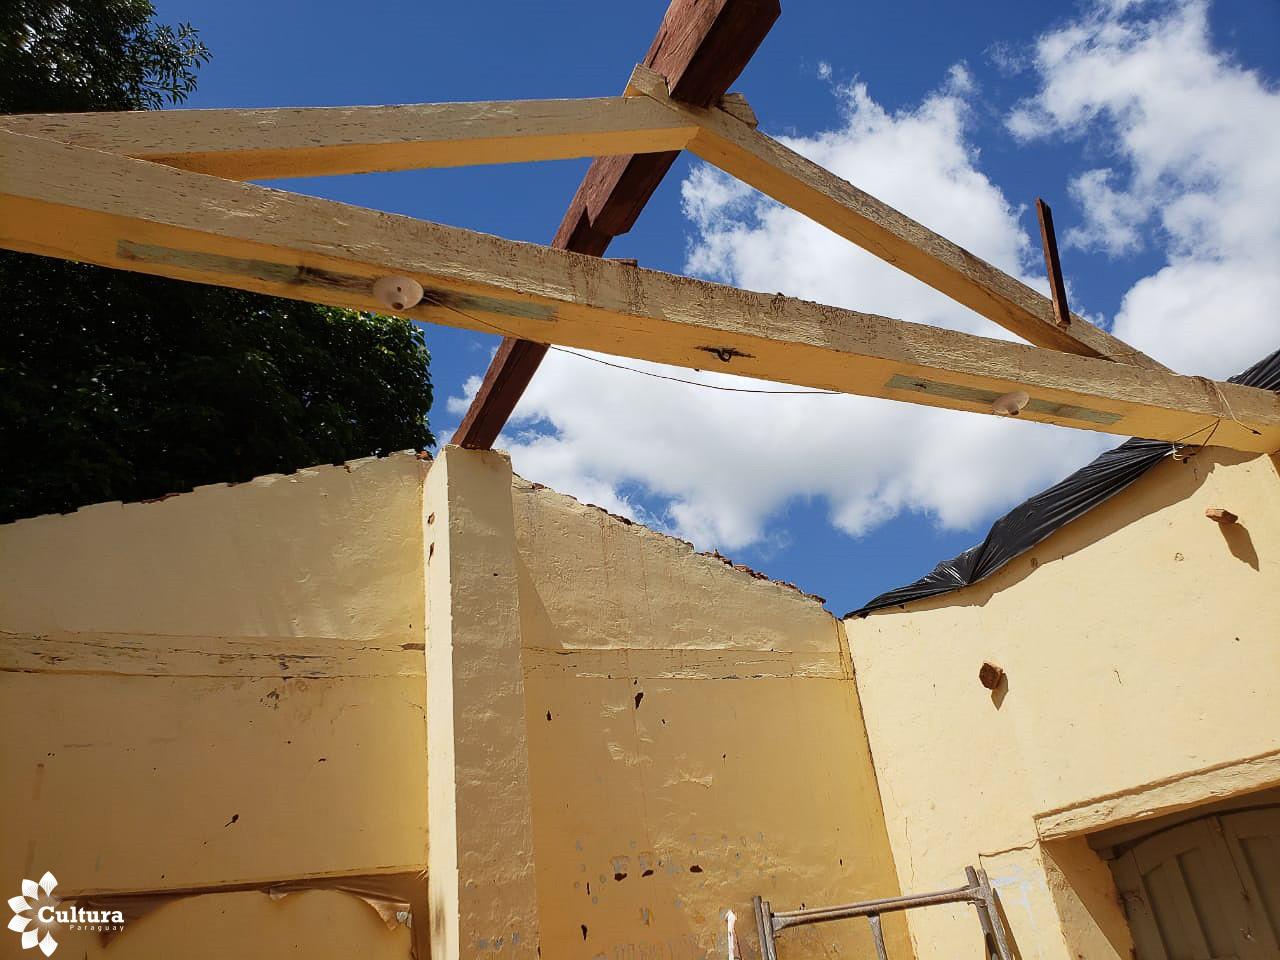 Funcionarios de Cultura verificaron situación de la obra de edificio patrimonial de Caazapá y casas de la Villa Inglesa en Sapucai imagen